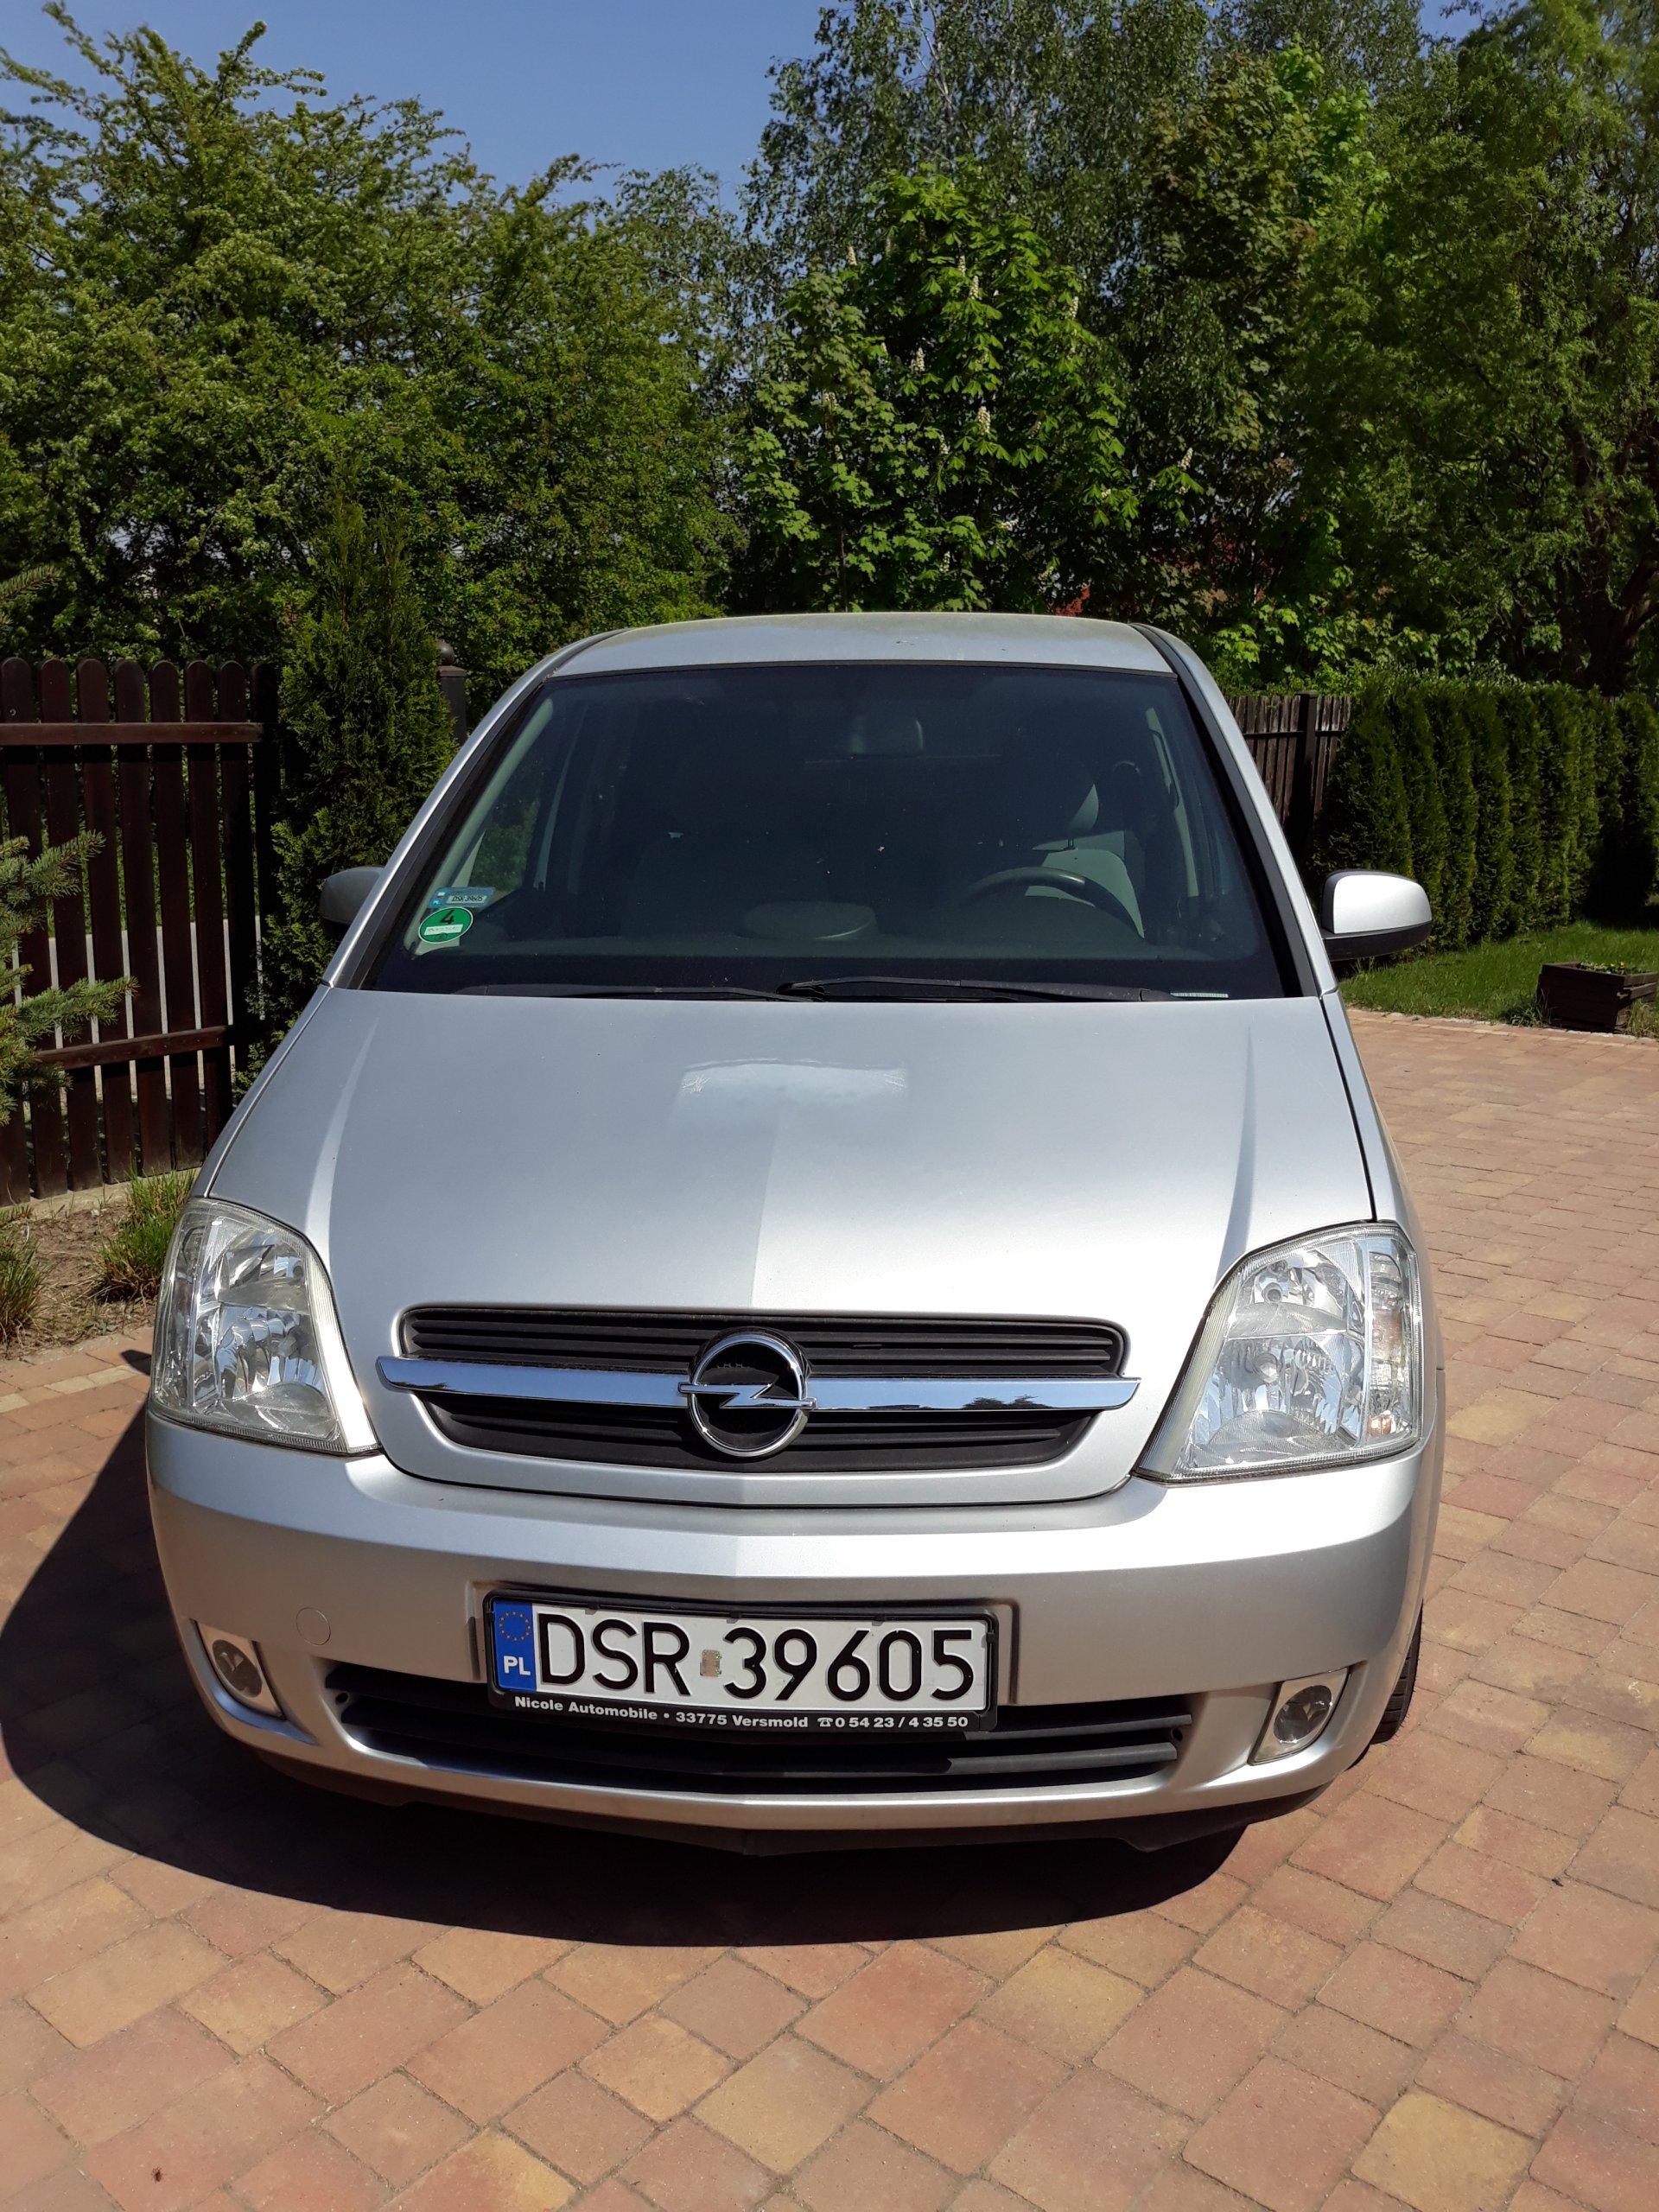 Modne ubrania Samochód osobowy Opel Meriva Benzyna 1,6 - 7322063602 - oficjalne YH82